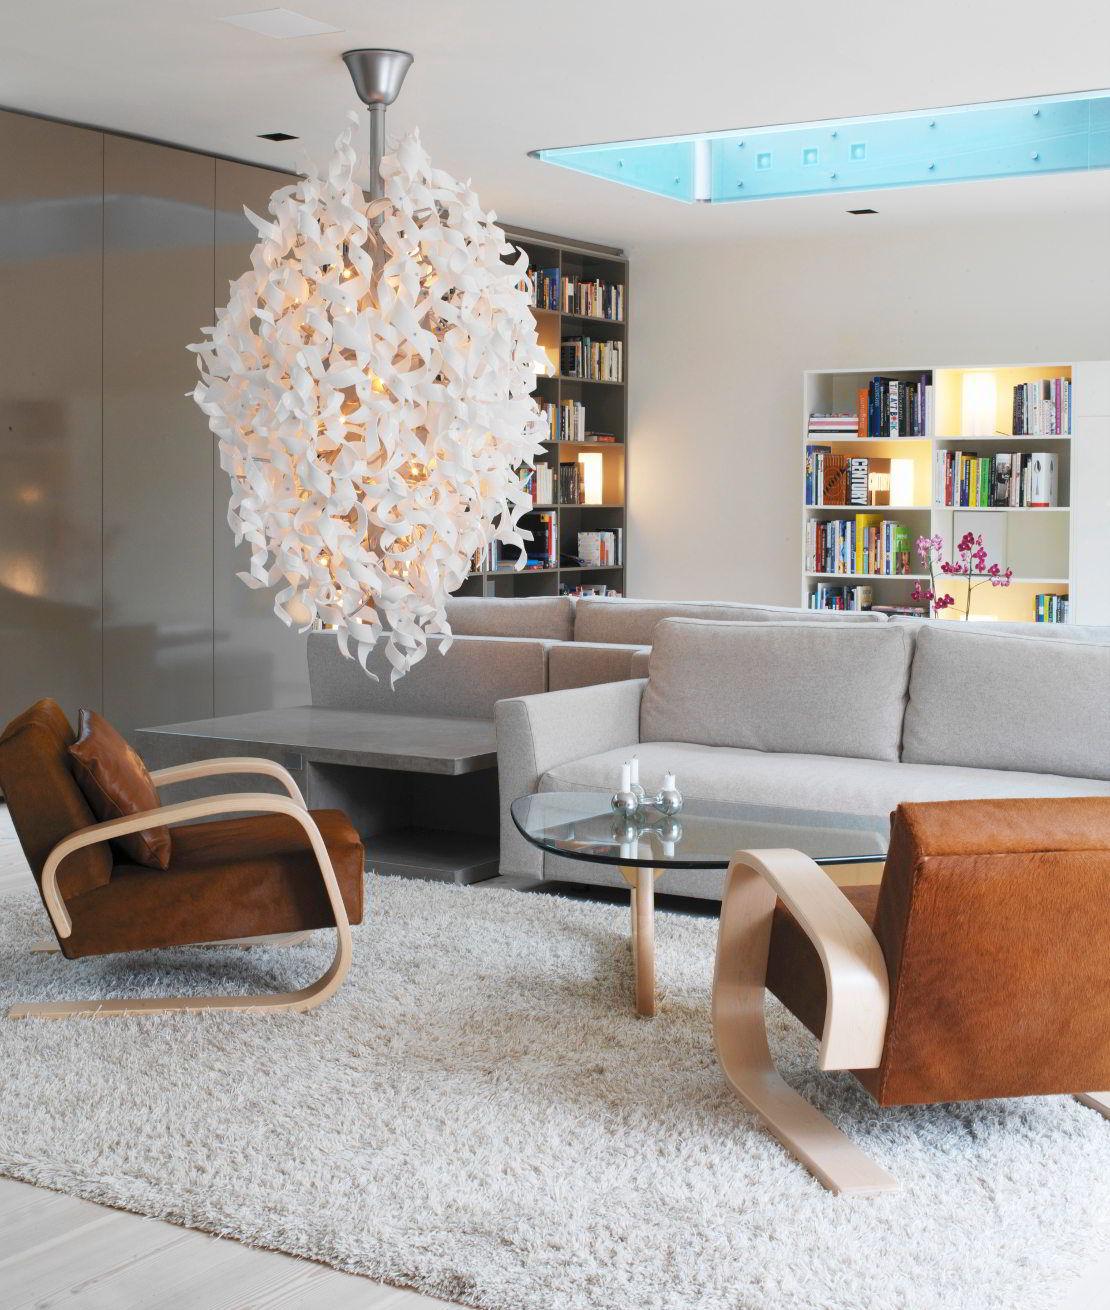 Dalani, Bianco, Idee, Spazio, Passione, Arte, Design